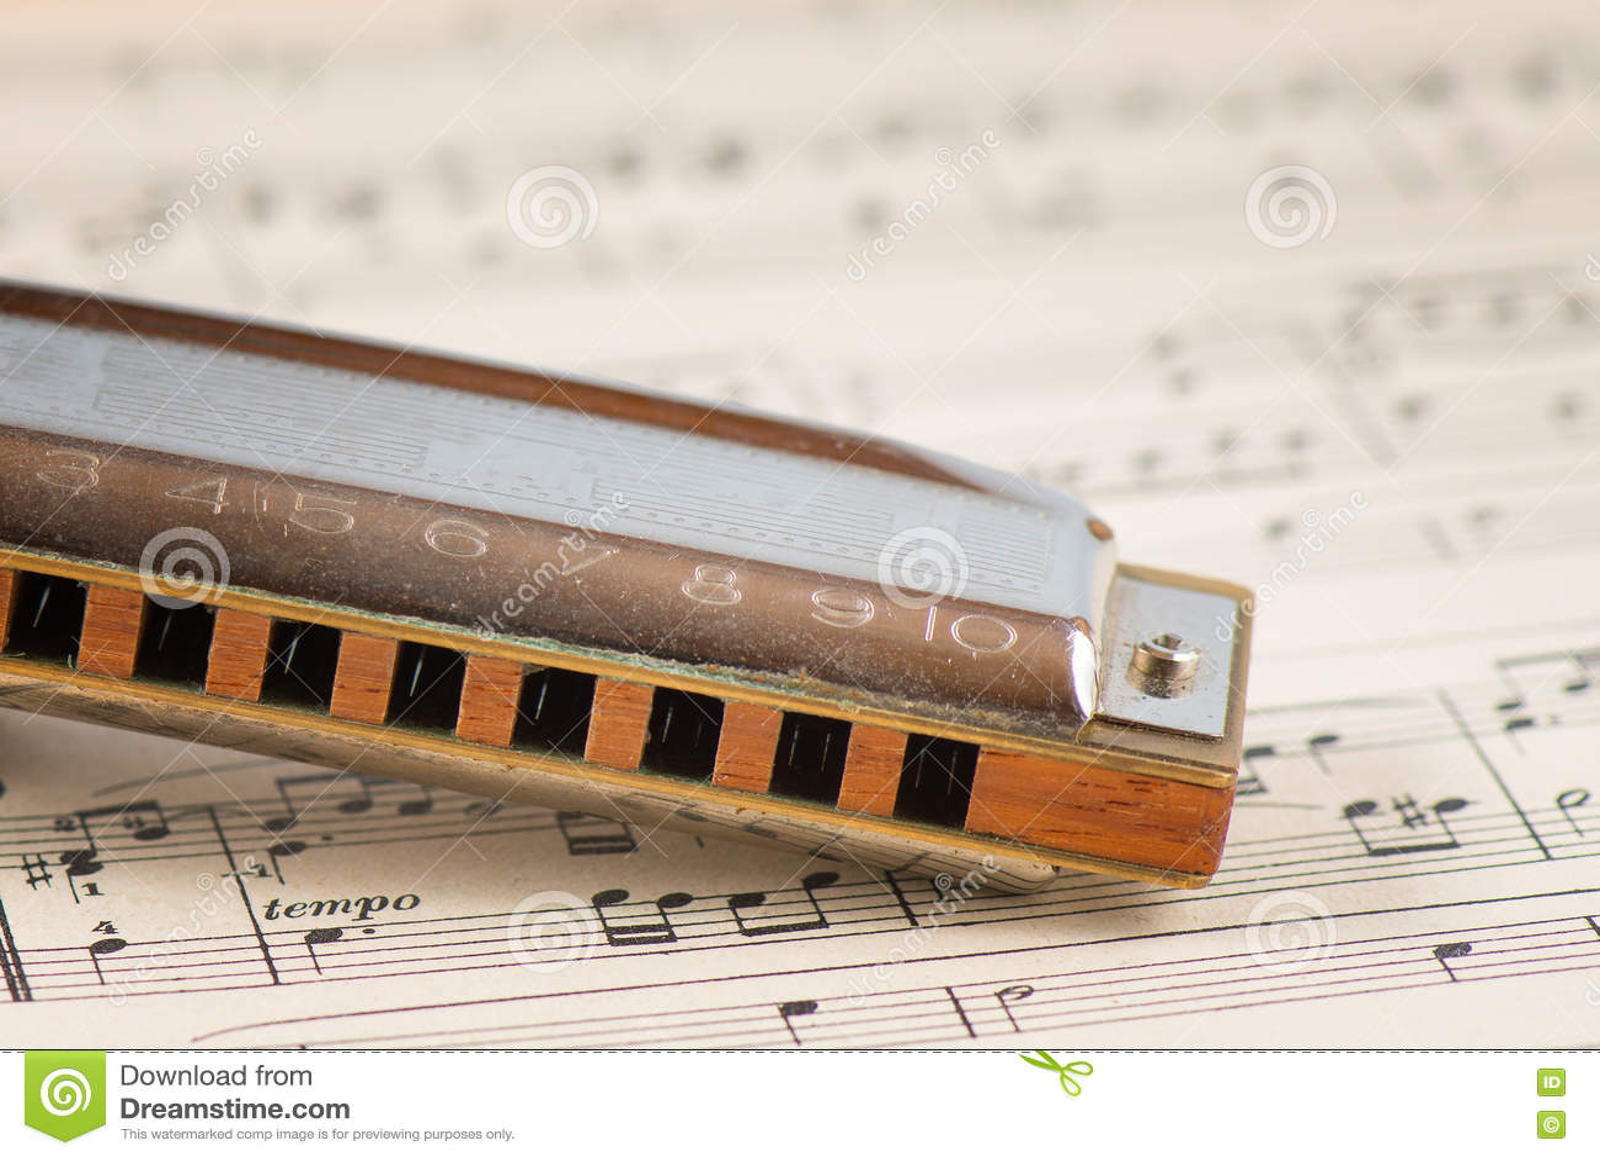 De mond van de blauwharmonika